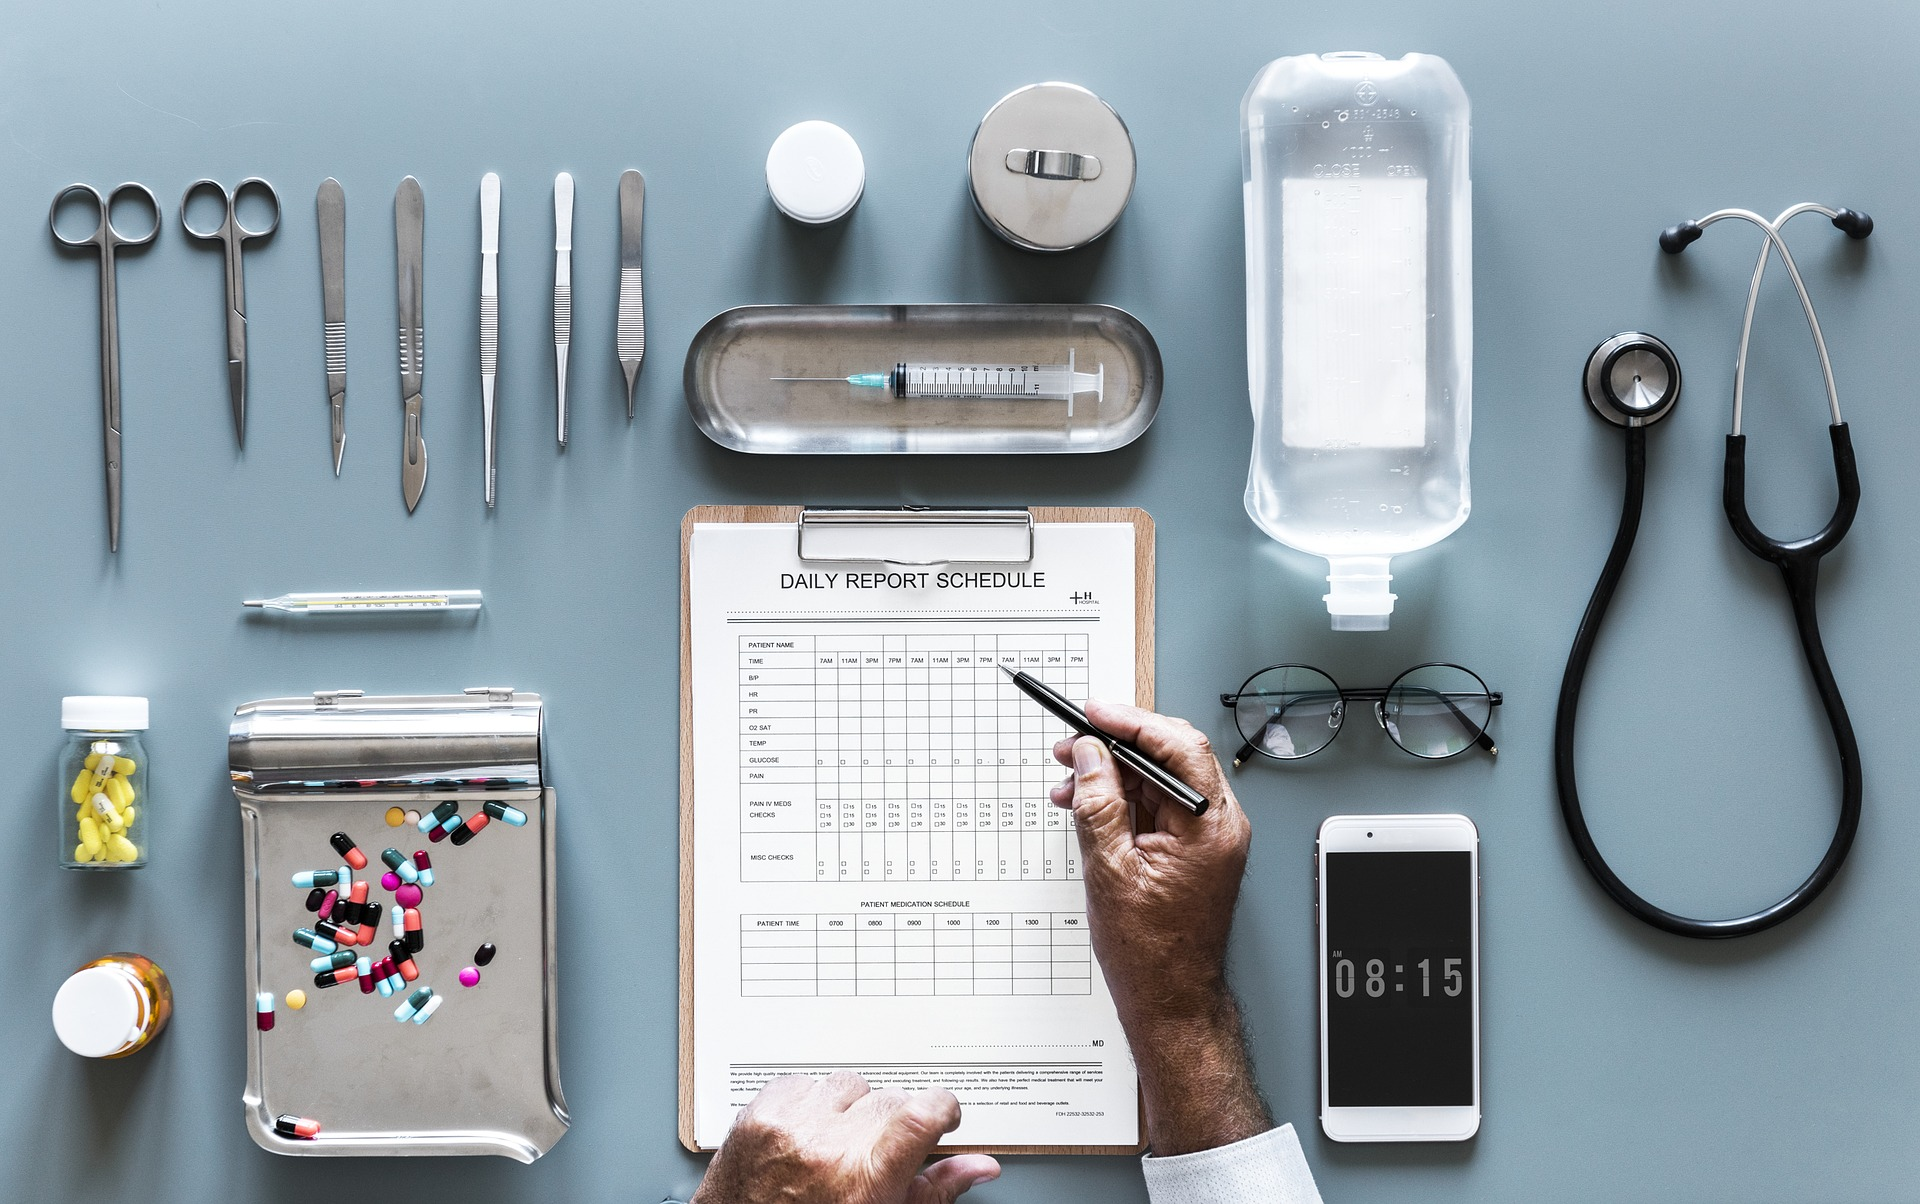 Saúde dos instrumentos cirurgicos